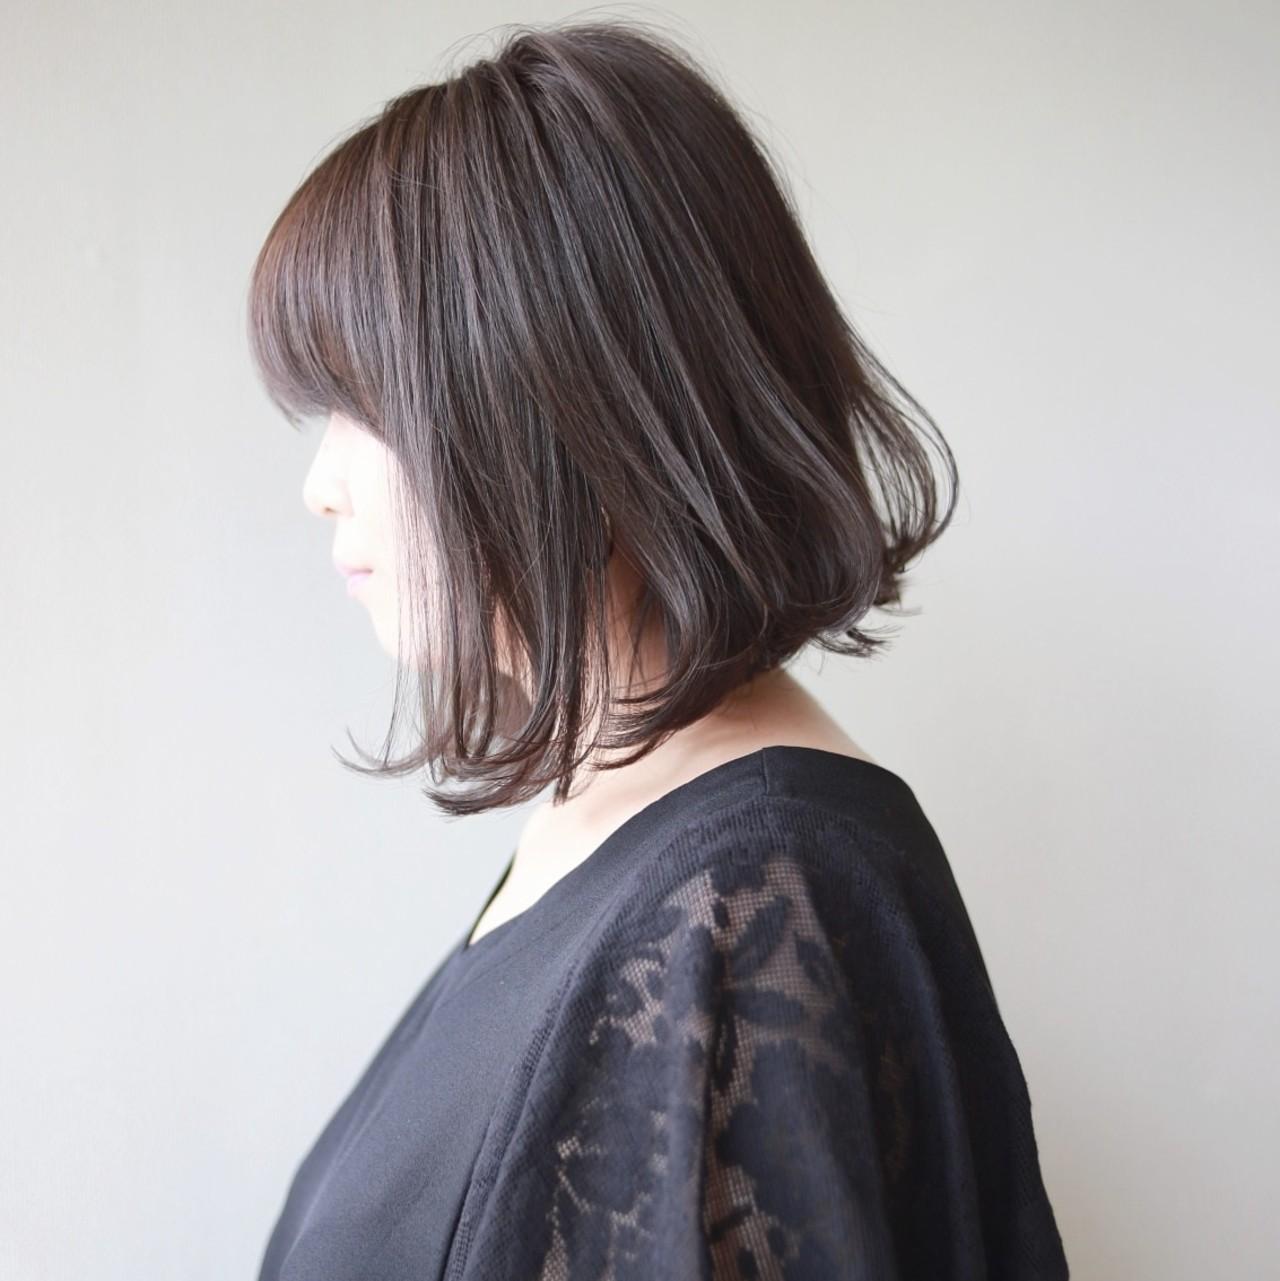 前下がりボブ イルミナカラー 切りっぱなしボブ 透明感カラー ヘアスタイルや髪型の写真・画像